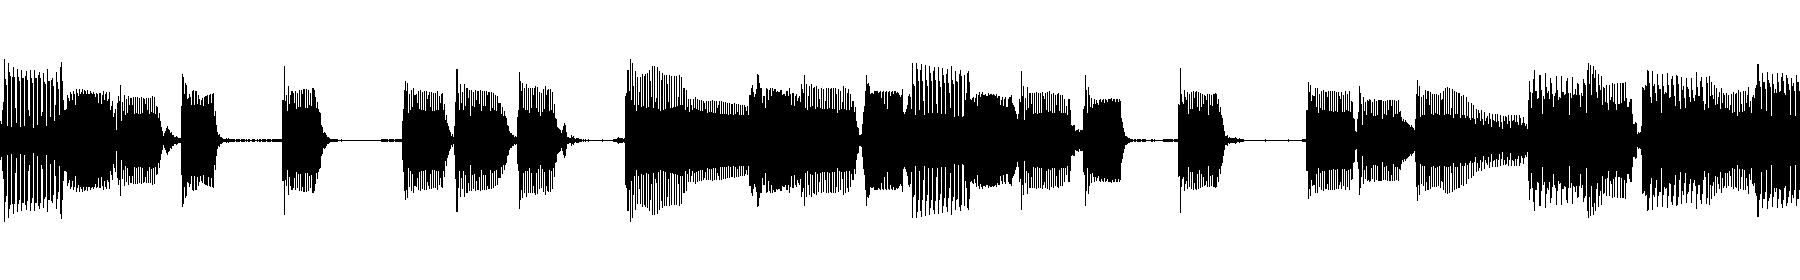 blbc filterripper 75 c